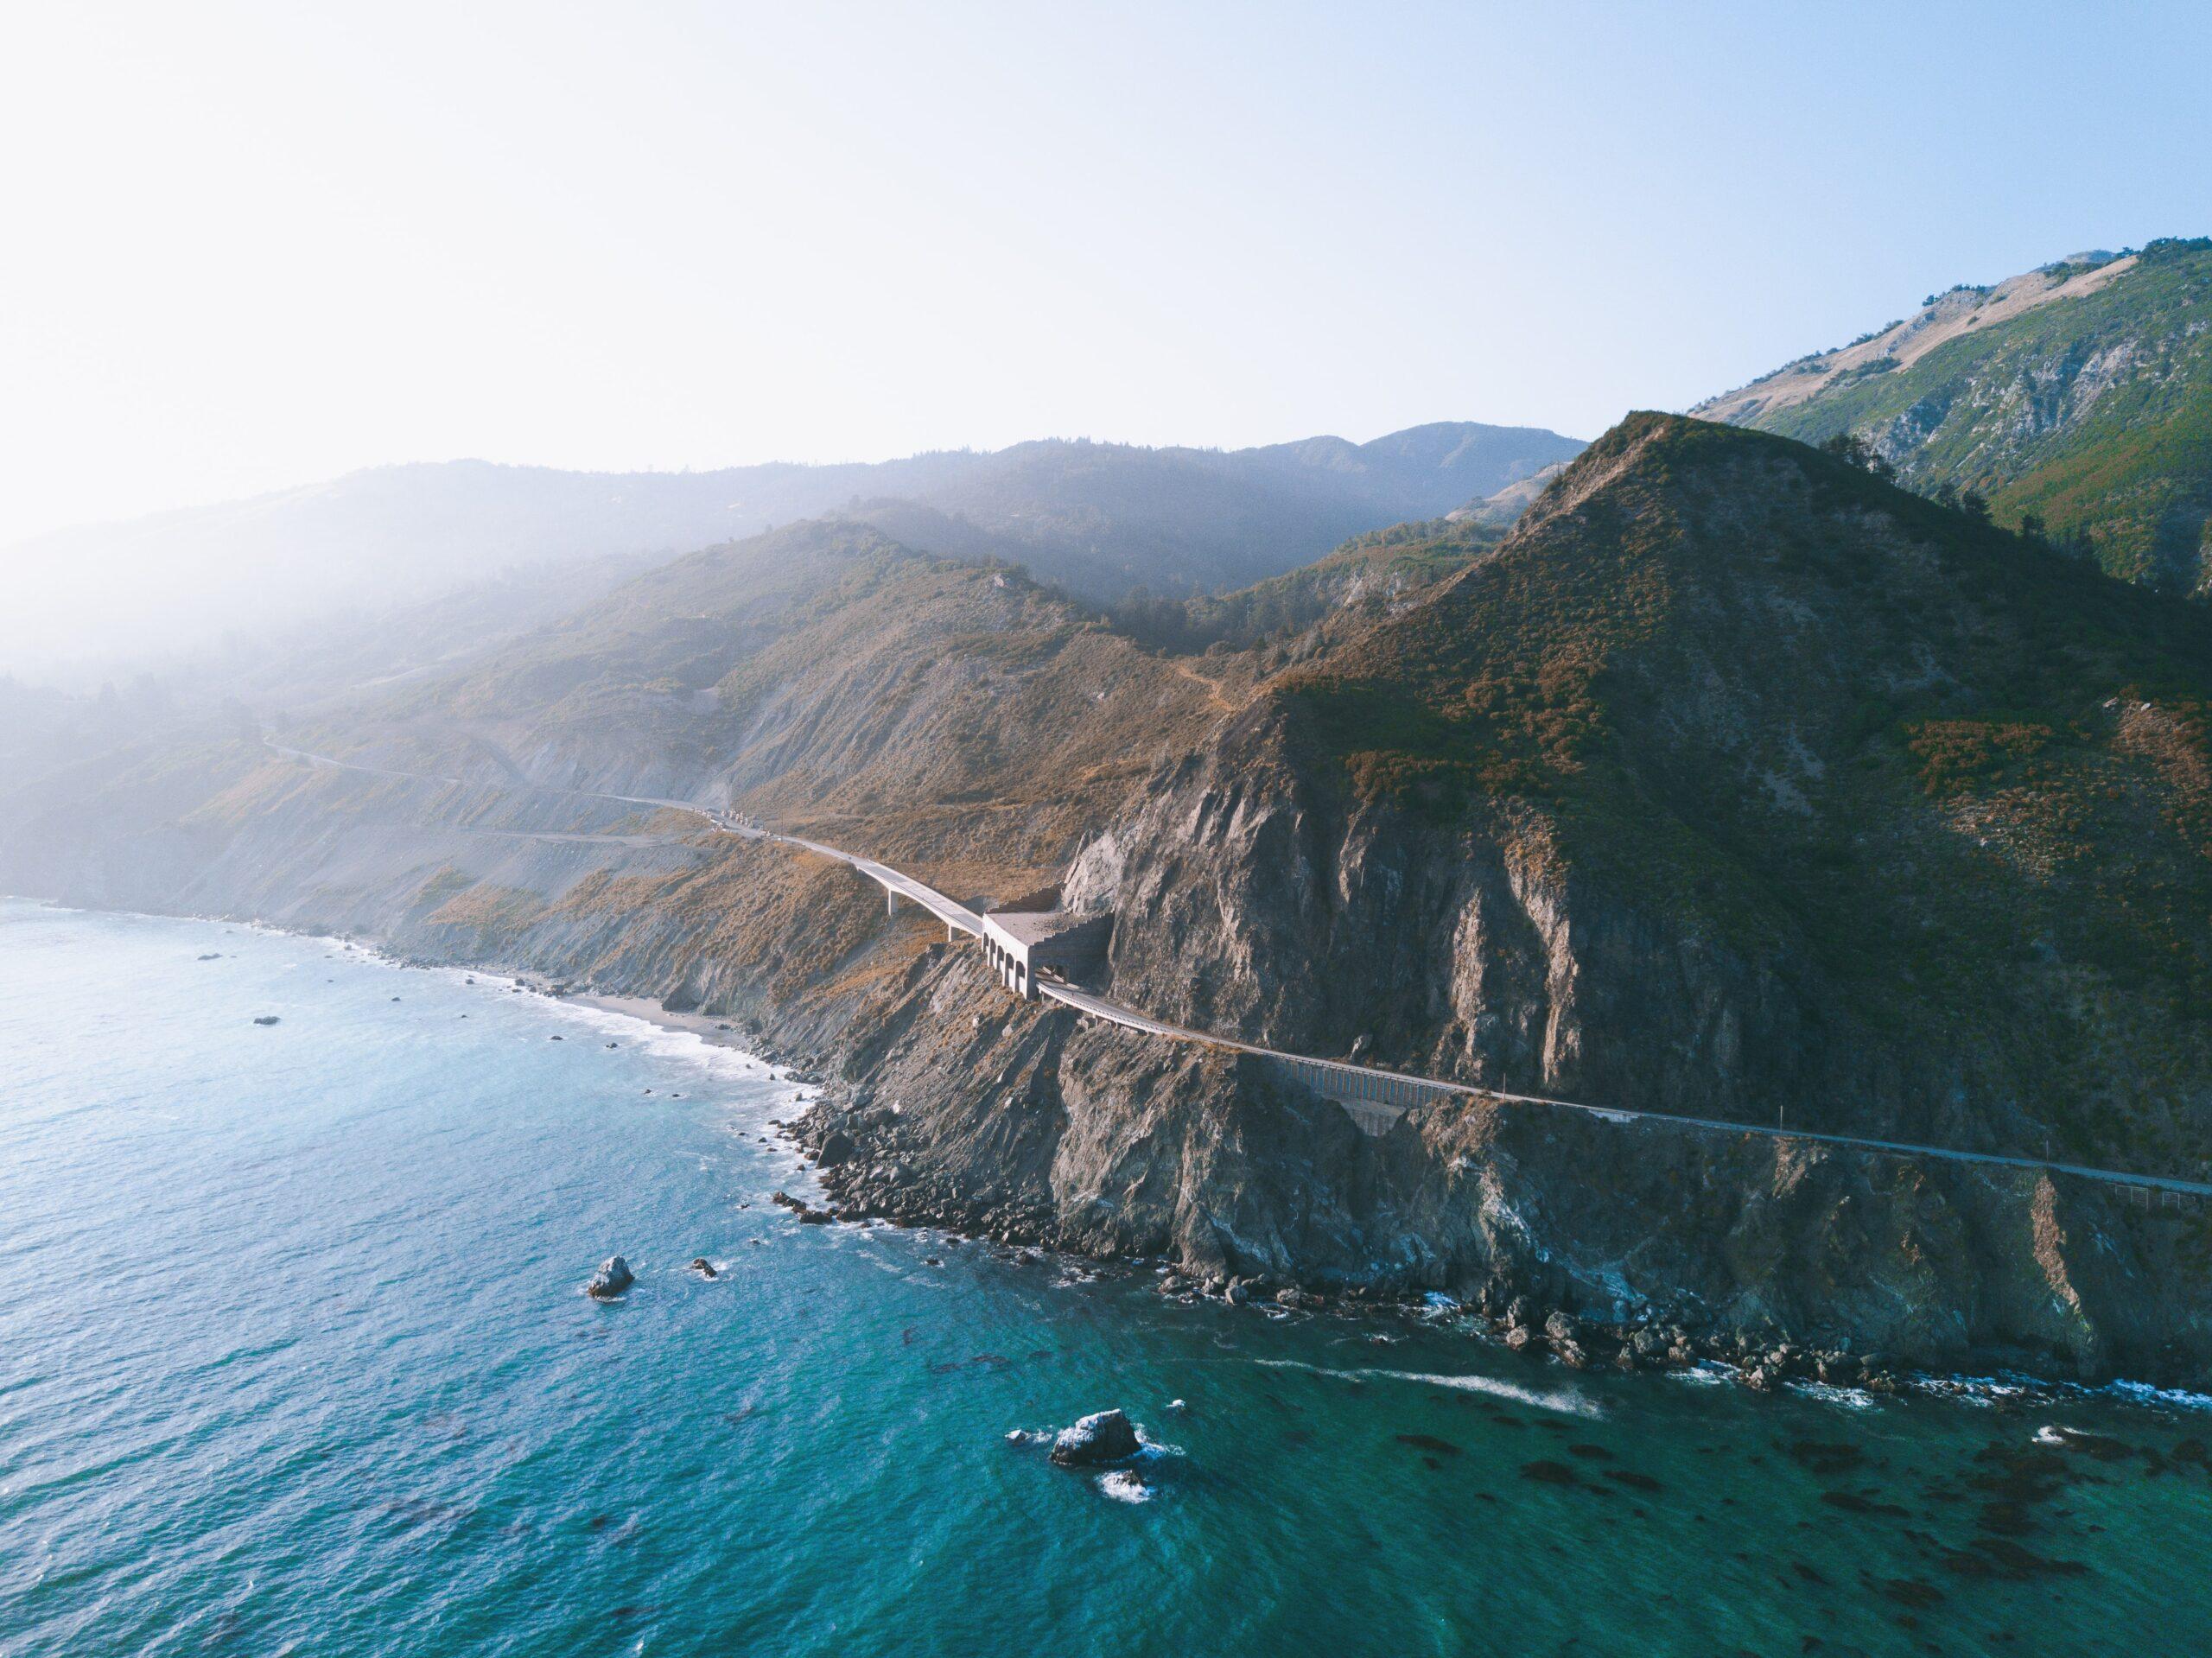 Big Surの断崖絶壁